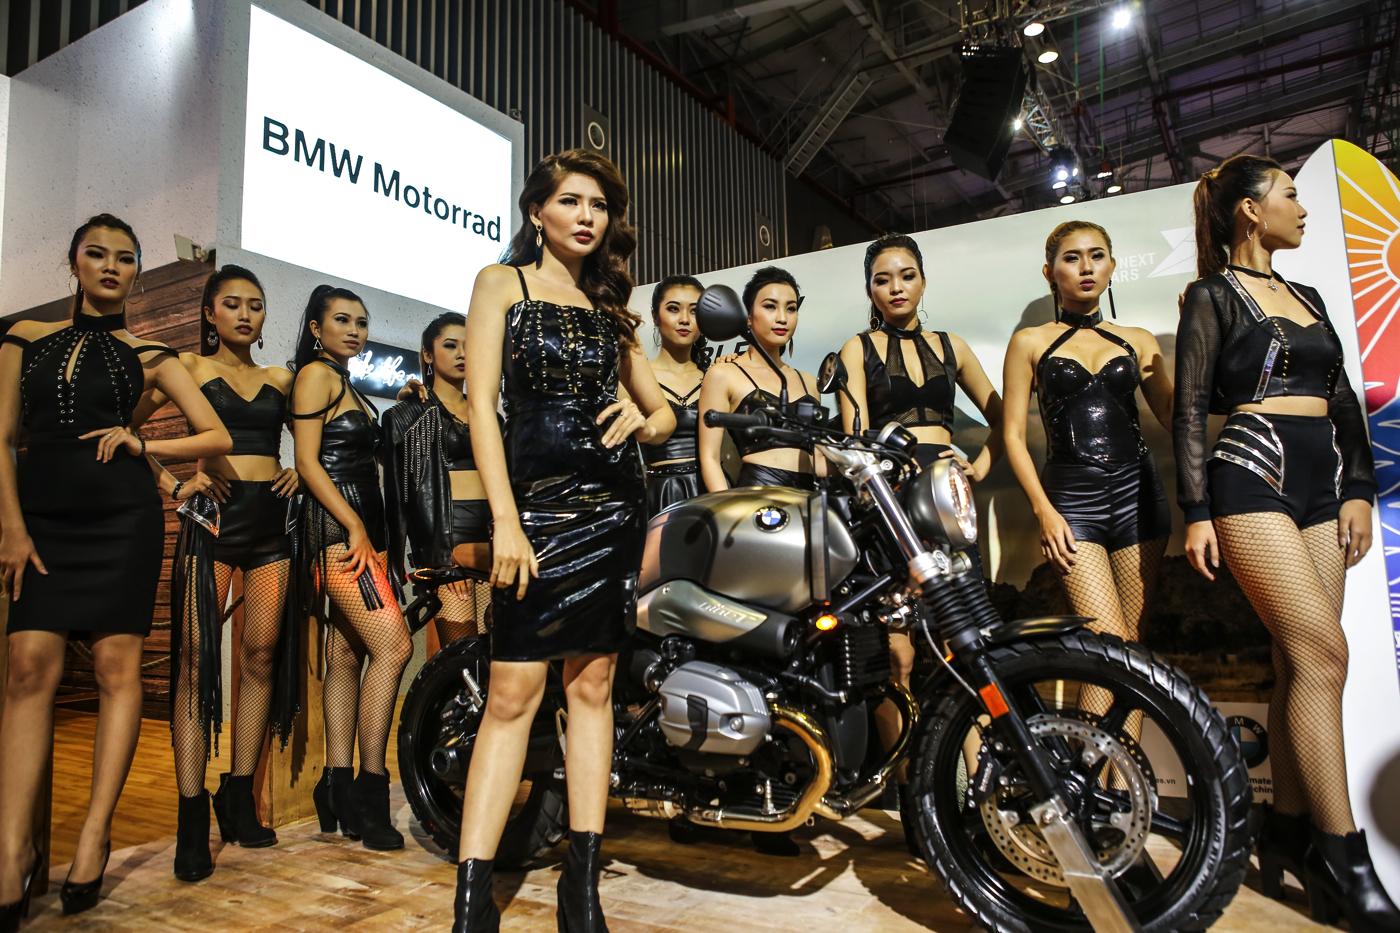 Dàn người mẫu tại gian hàng BMW Motorrad.